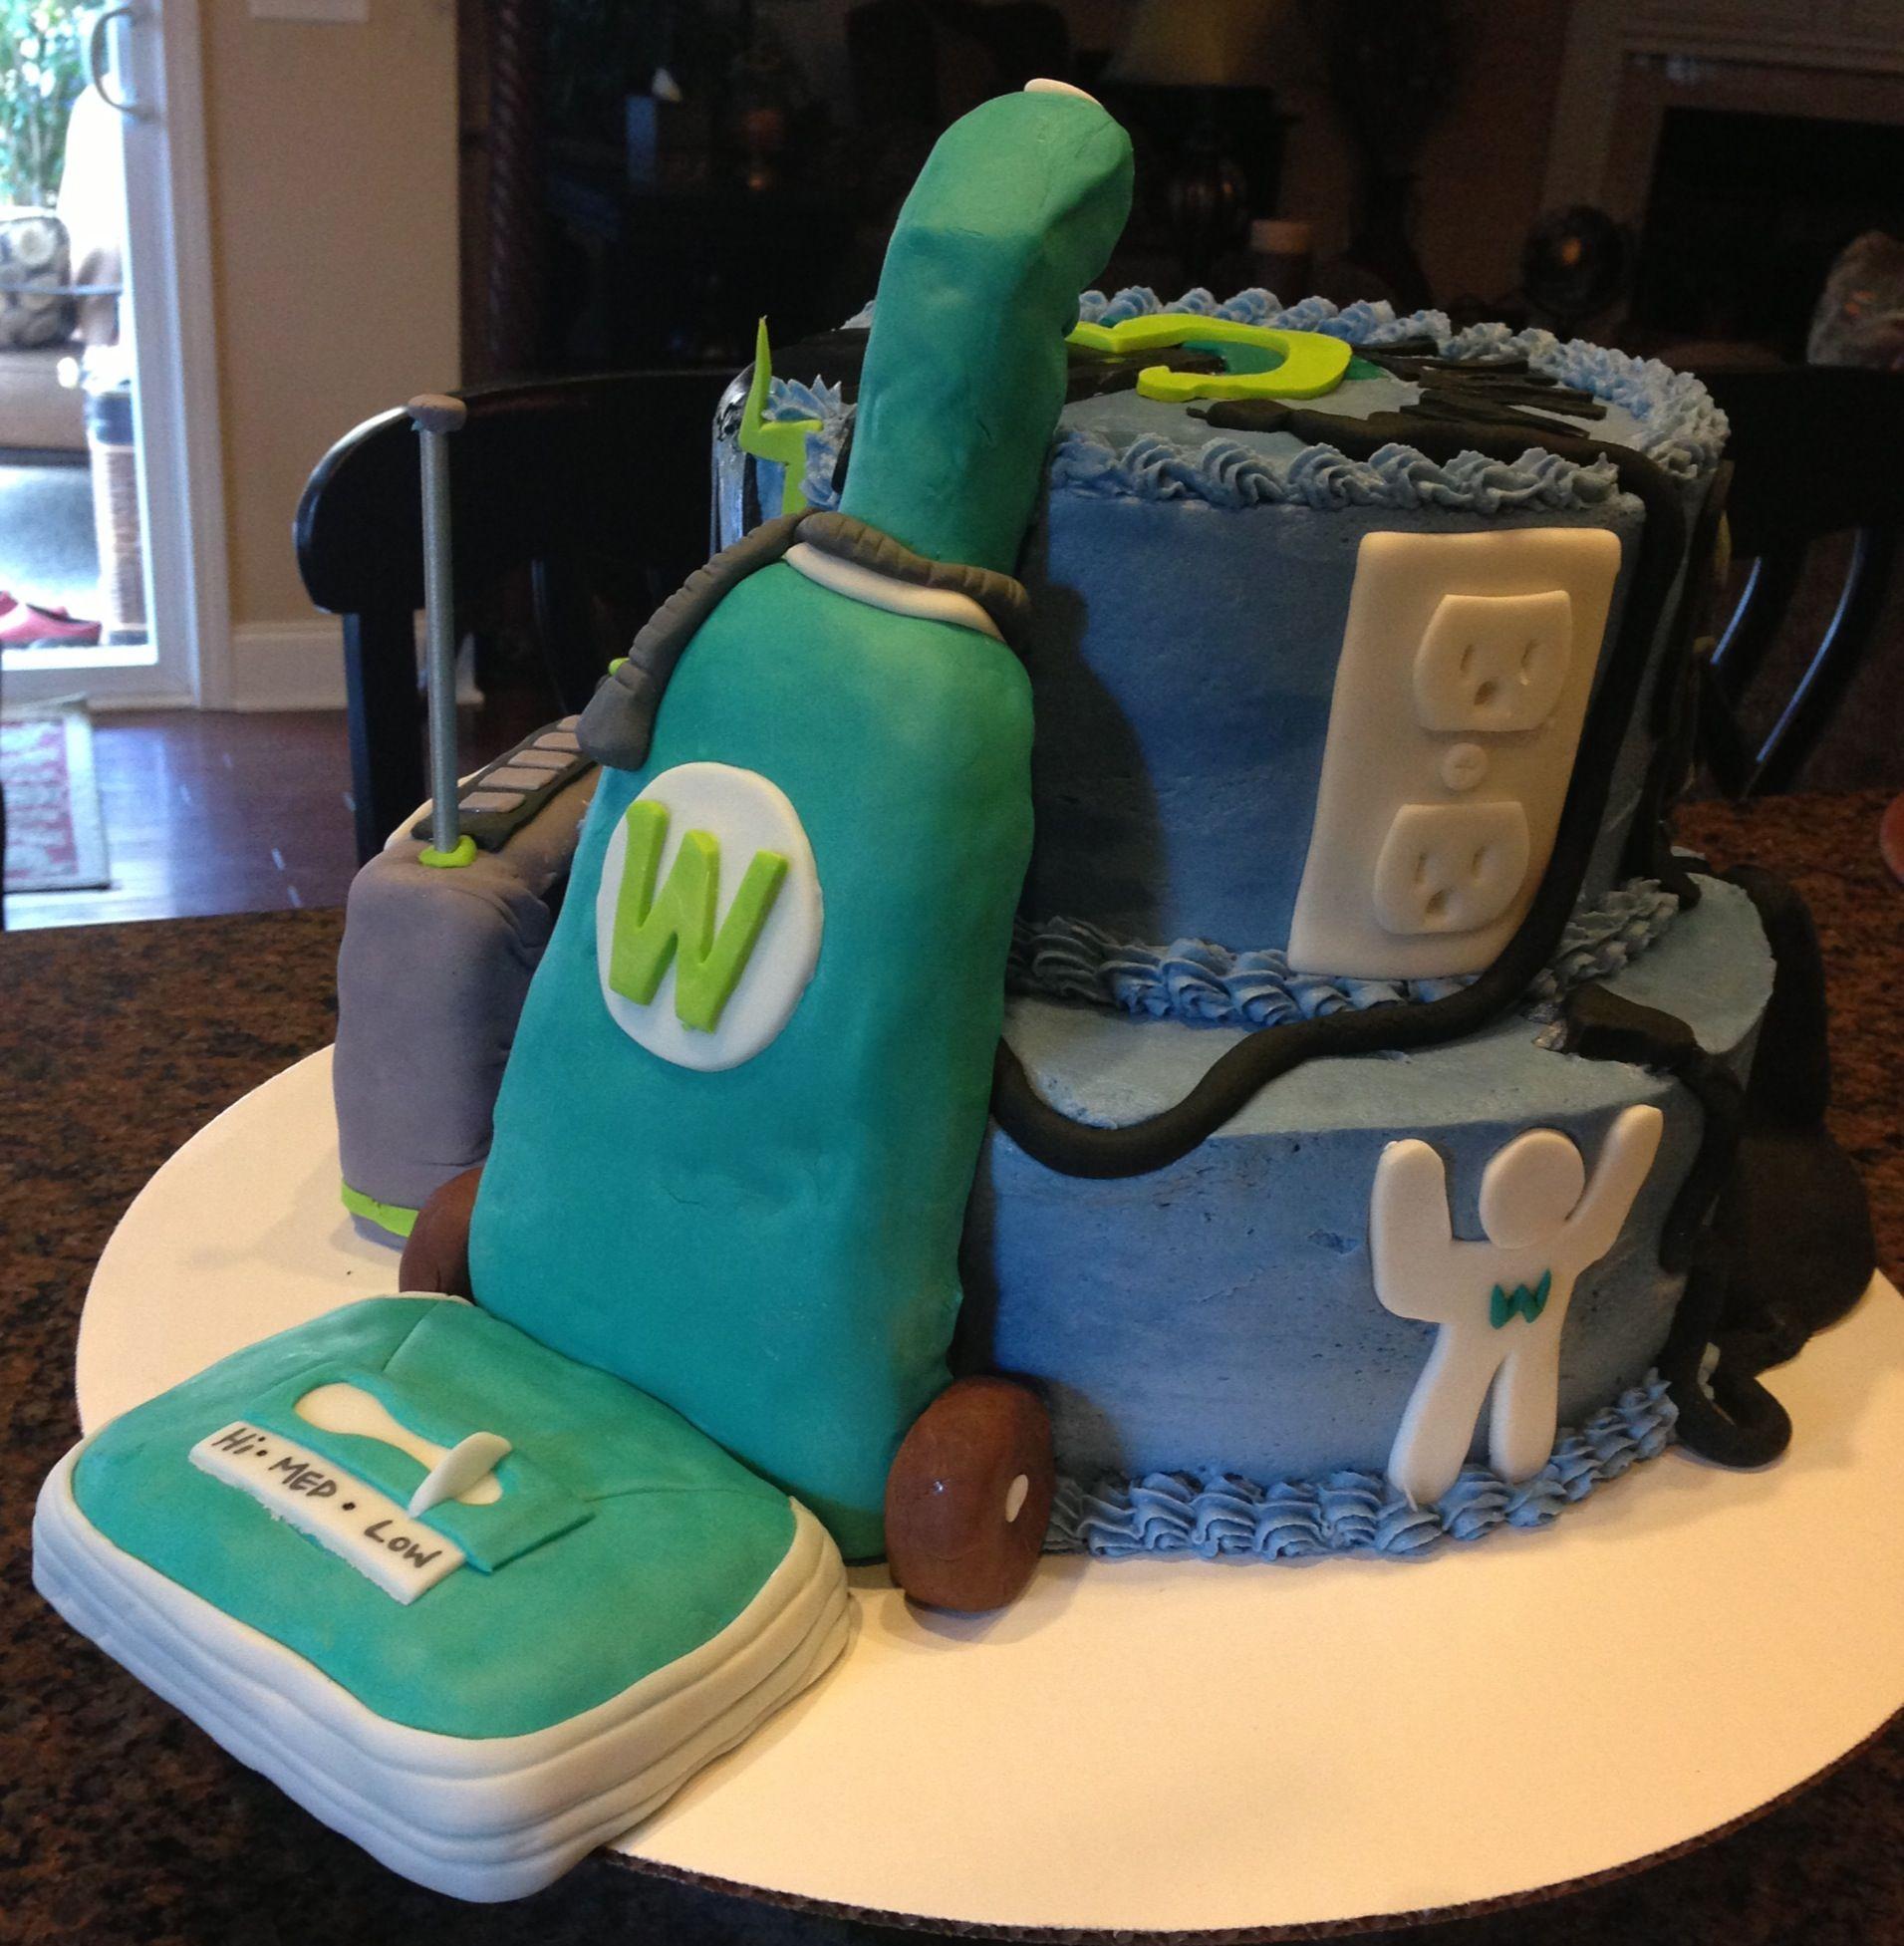 Vacuum Cleaner Cake 2nd Birthday Pinterest